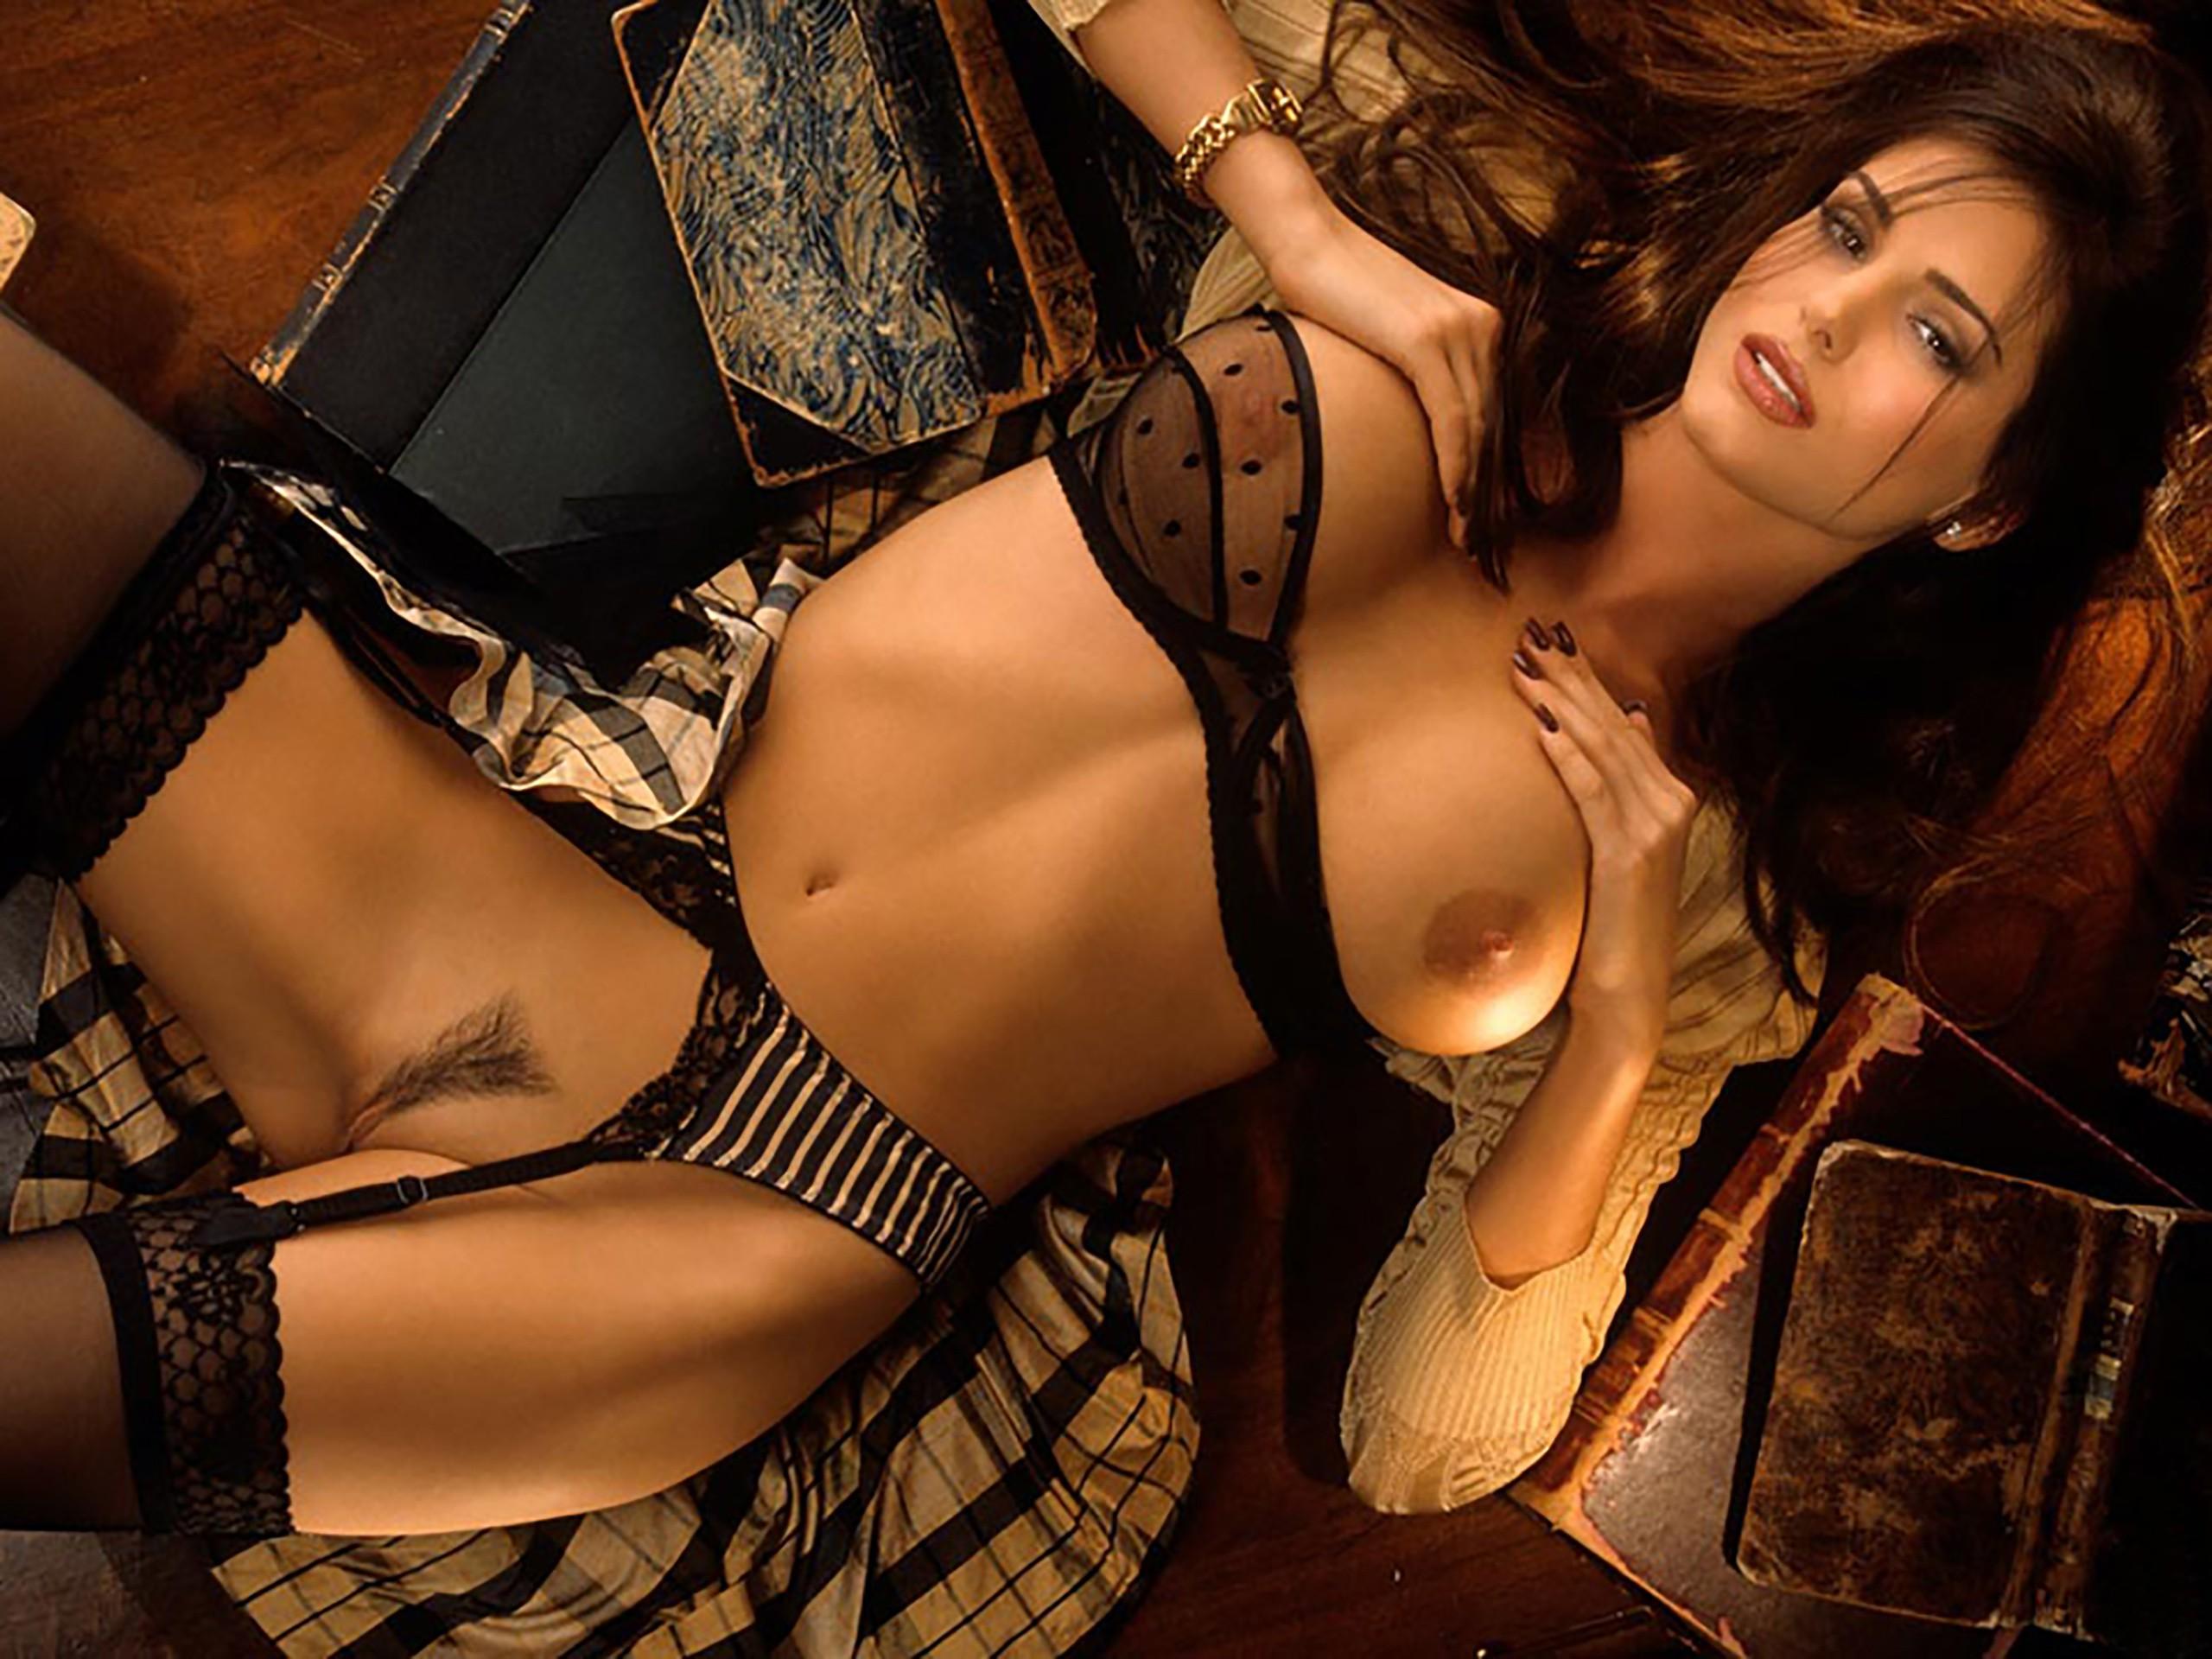 порно фото девушки в эротическом белье